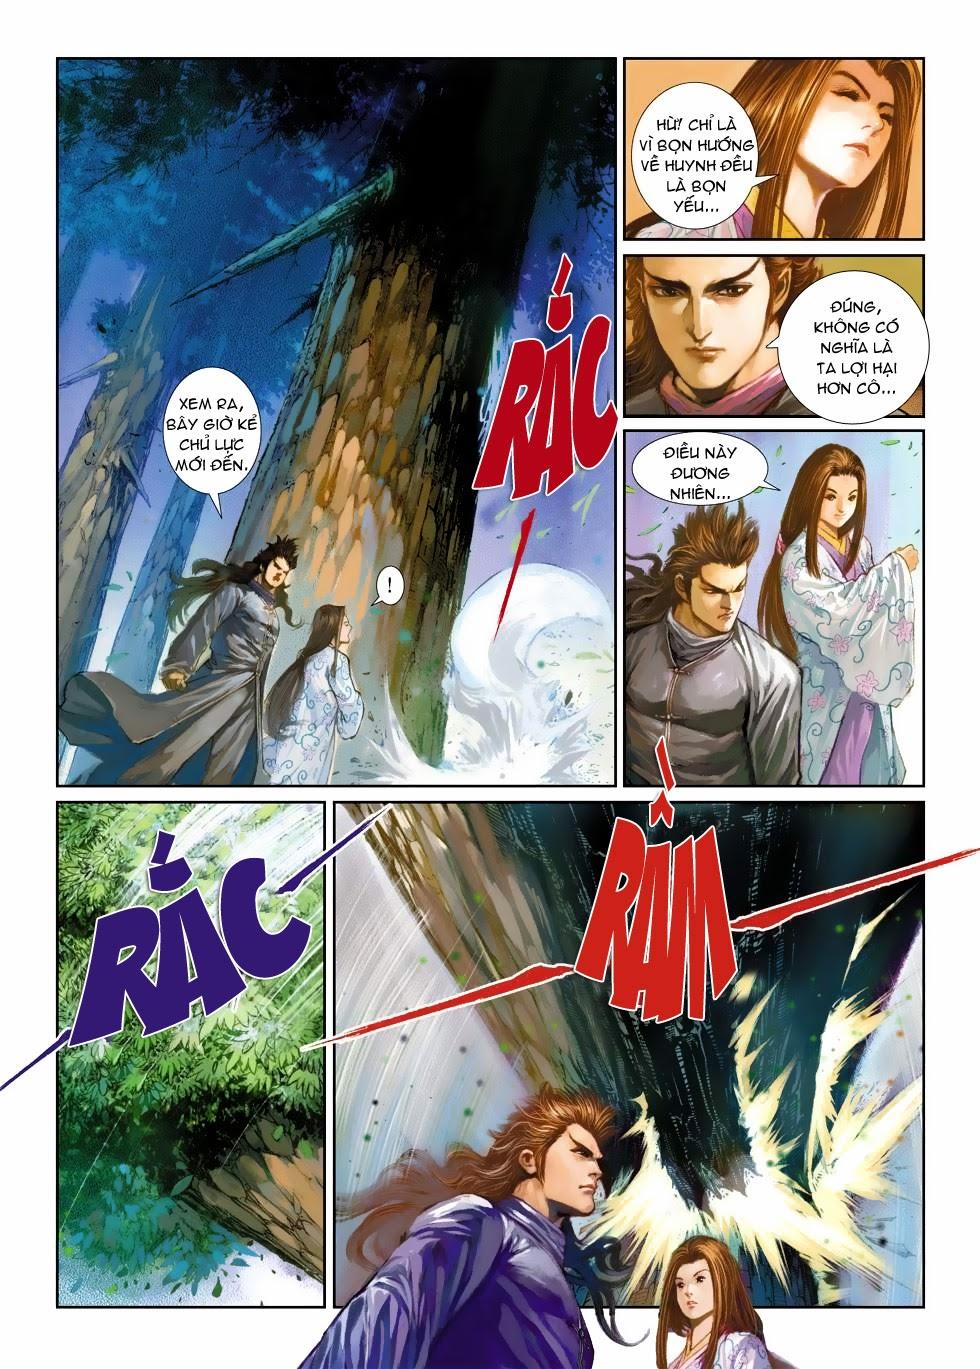 Thần Binh Tiền Truyện 4 - Huyền Thiên Tà Đế chap 3 - Trang 29